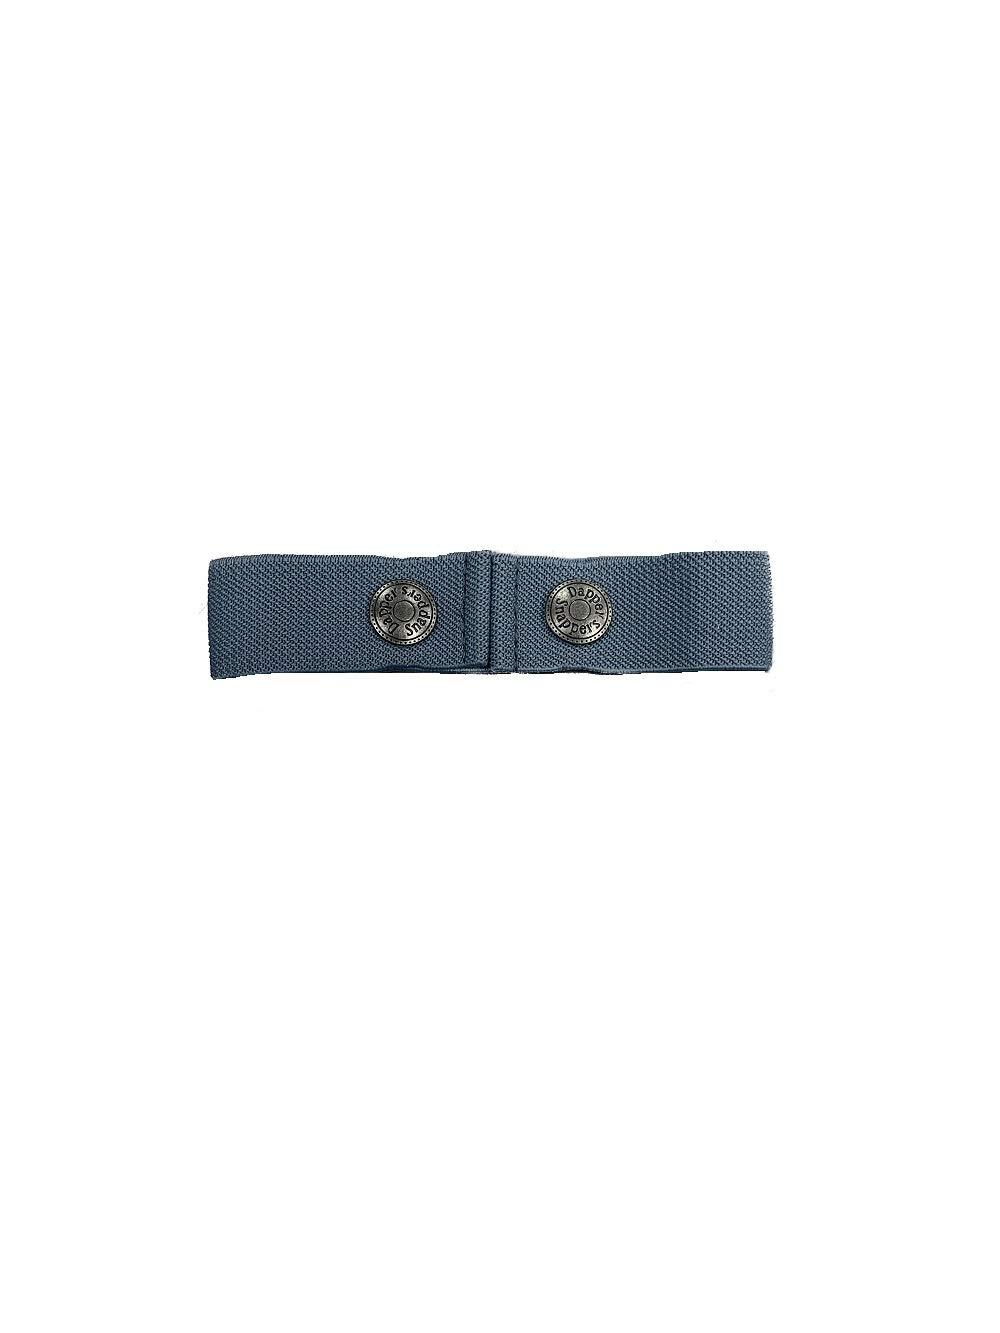 Dapper Snapper Baby & Toddler Adjustable Belt (Gray)